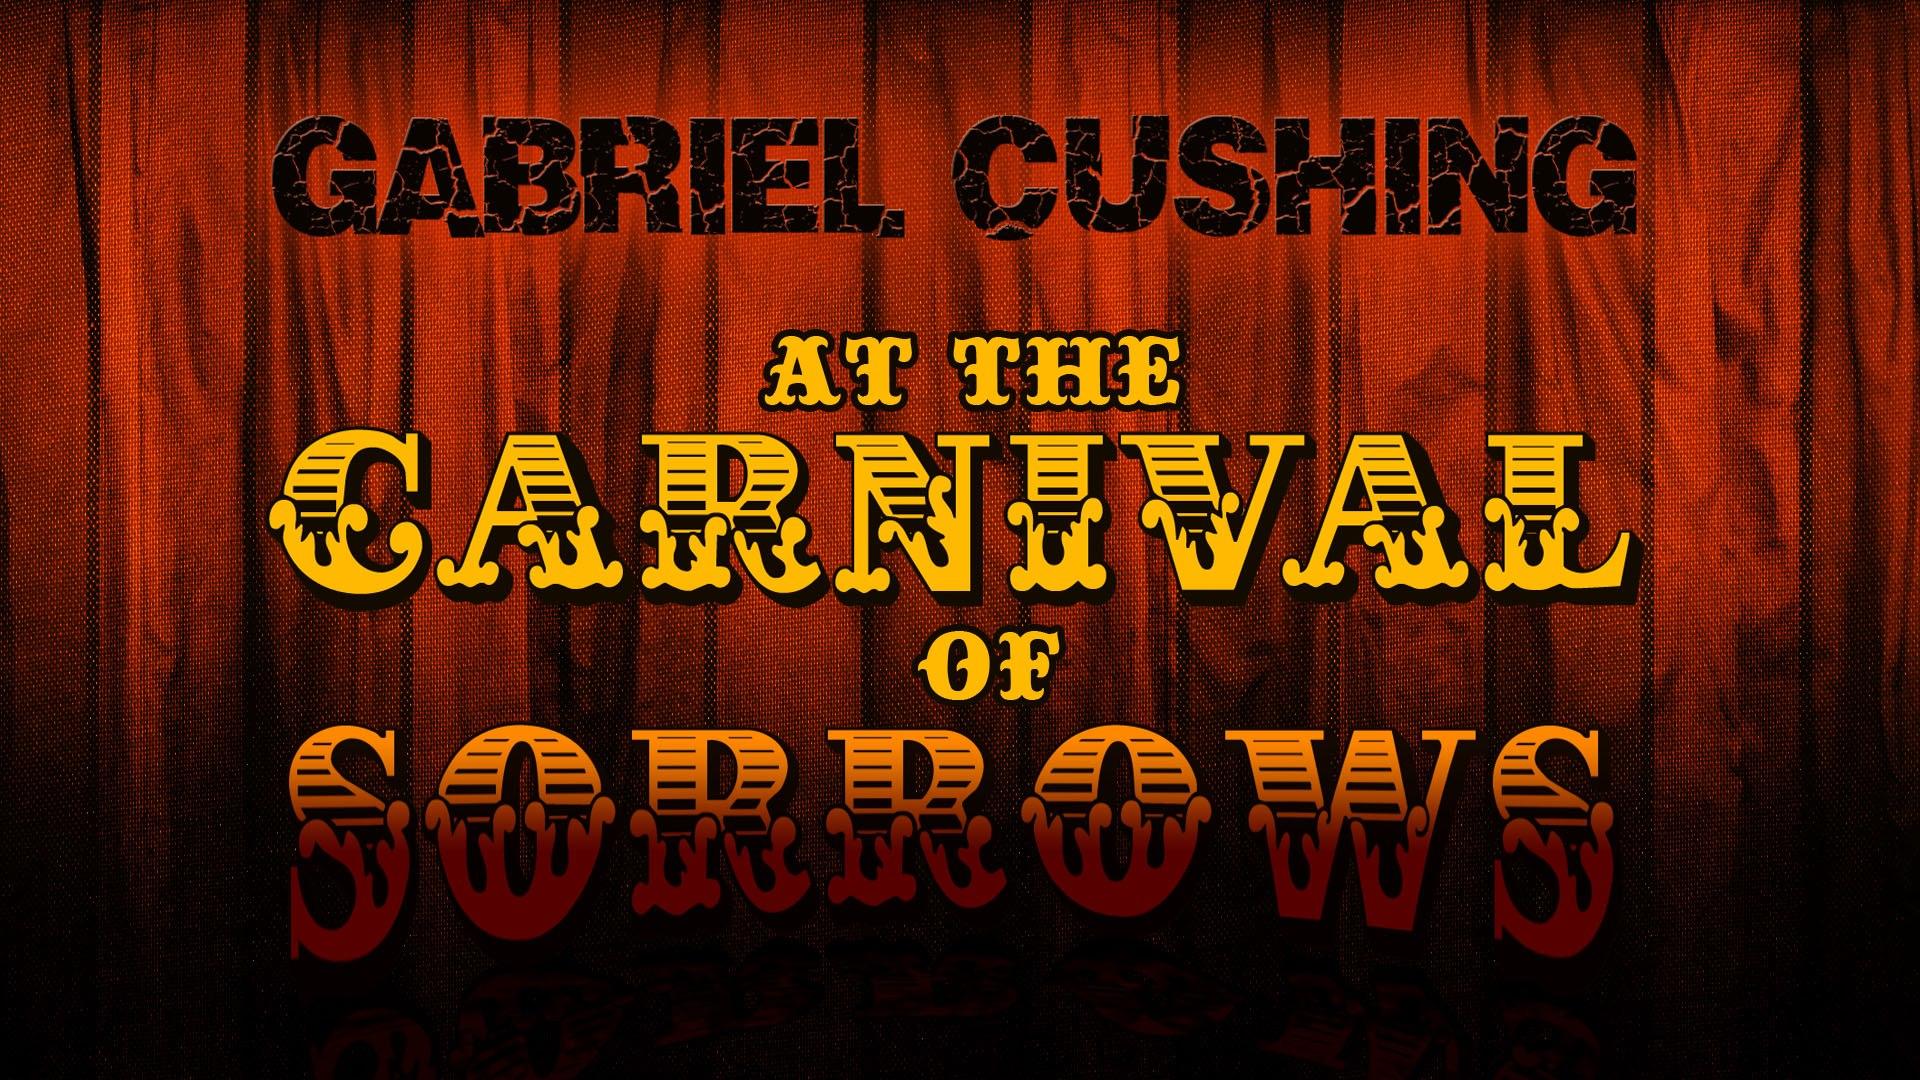 Gabriel Cushing at the Carnival of Sorrows - Kickstarter cover image